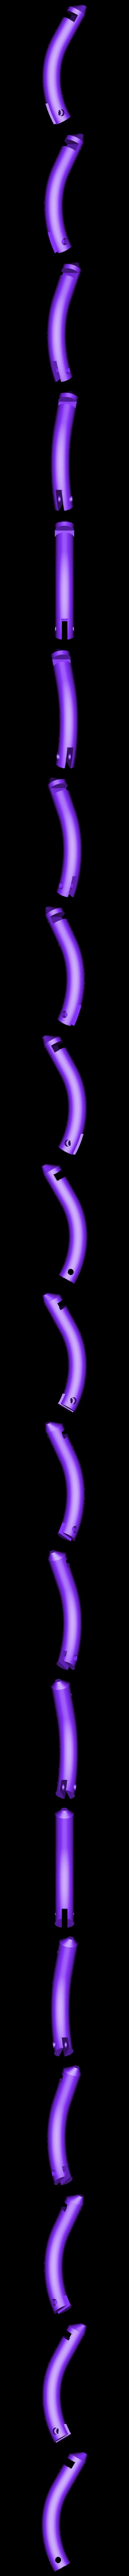 RM_Shackle2_PRINTx2.stl Download free STL file Houdini's Russian Manacle • 3D printable design, Snorri